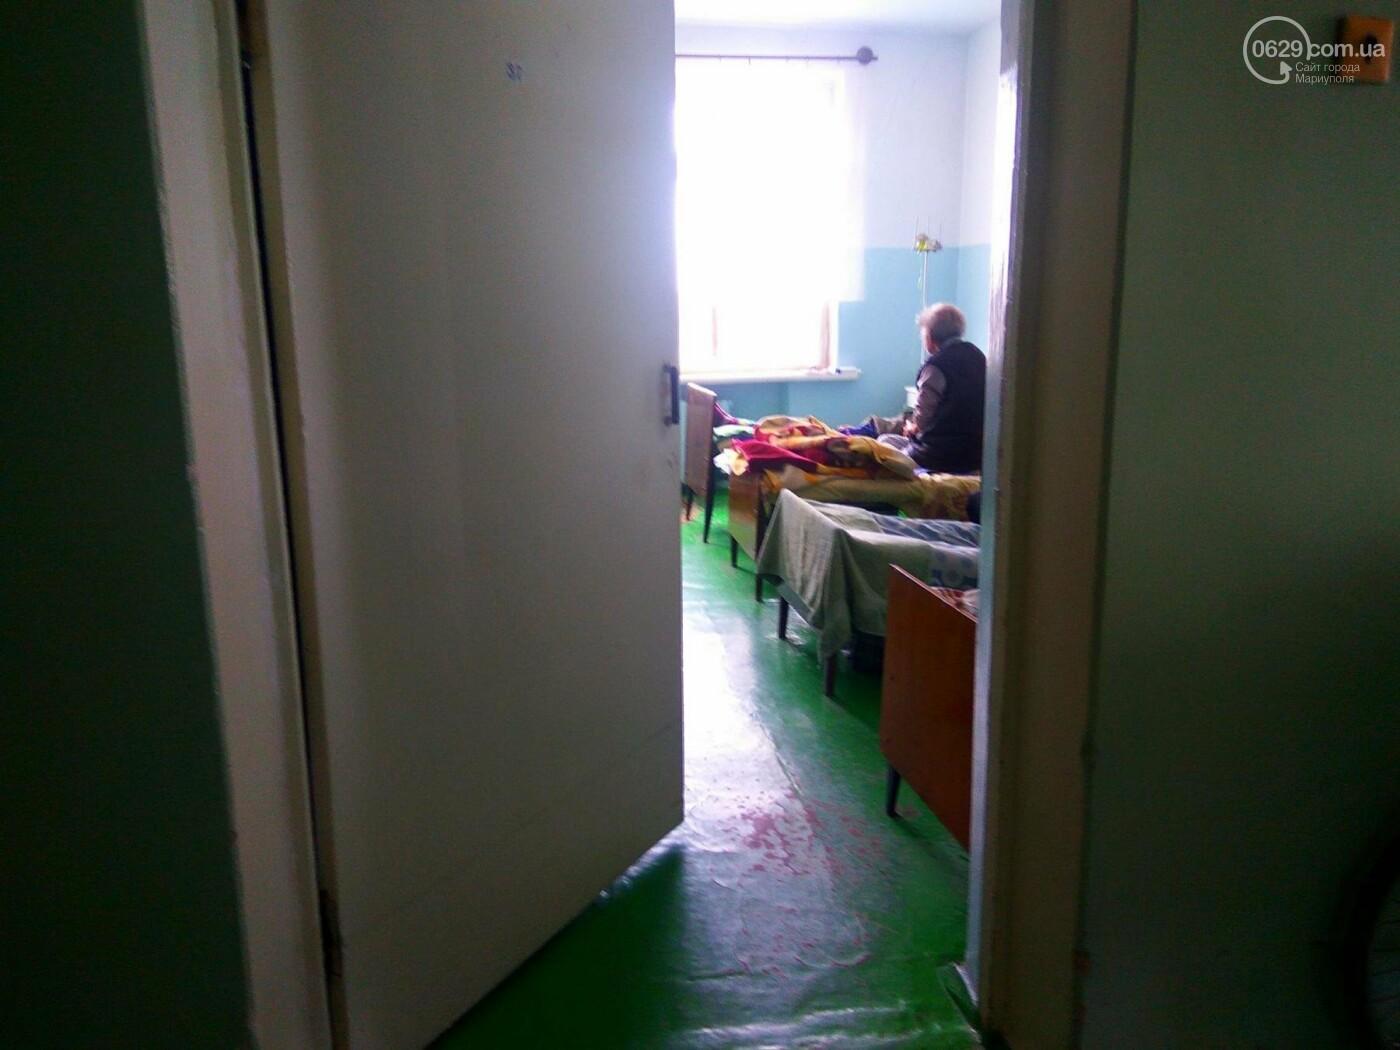 Туалет с видом на море, зимний сад и старые матрацы: особенности отделения терапии горбольницы №9, фото-17